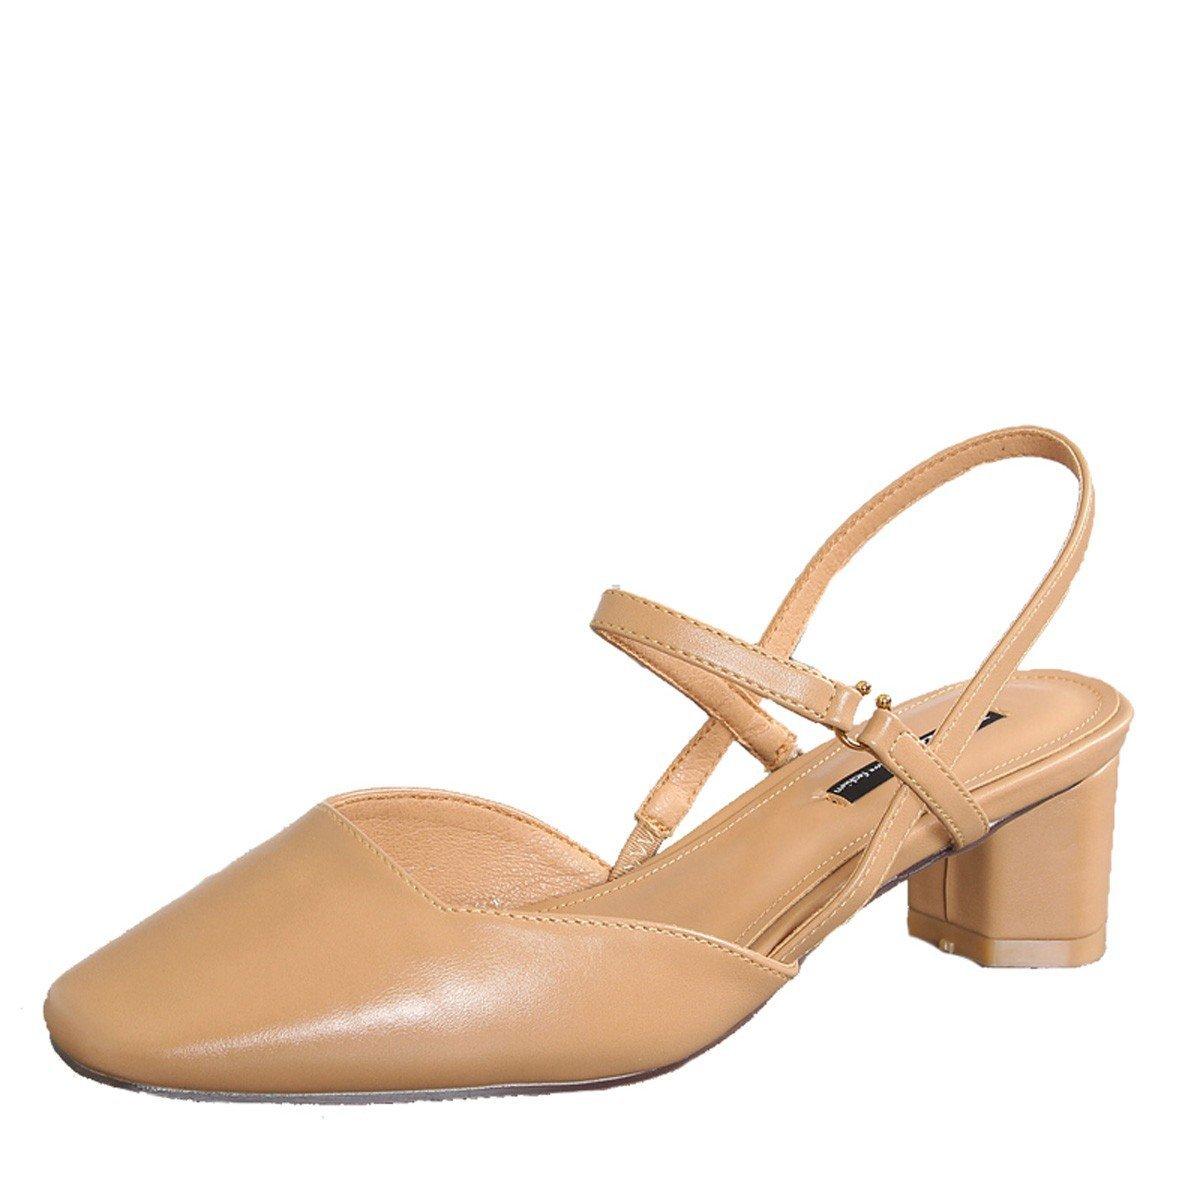 Zapatillas Sandalias Zapatos Verano, Sandalias de Mujer, Primavera, Moda, Cabeza Cuadrada Retro, tacón Grueso, Tacones Altos de 5 cm, Palabra Hebilla, Sandalias Baotou 38 EU|Camello